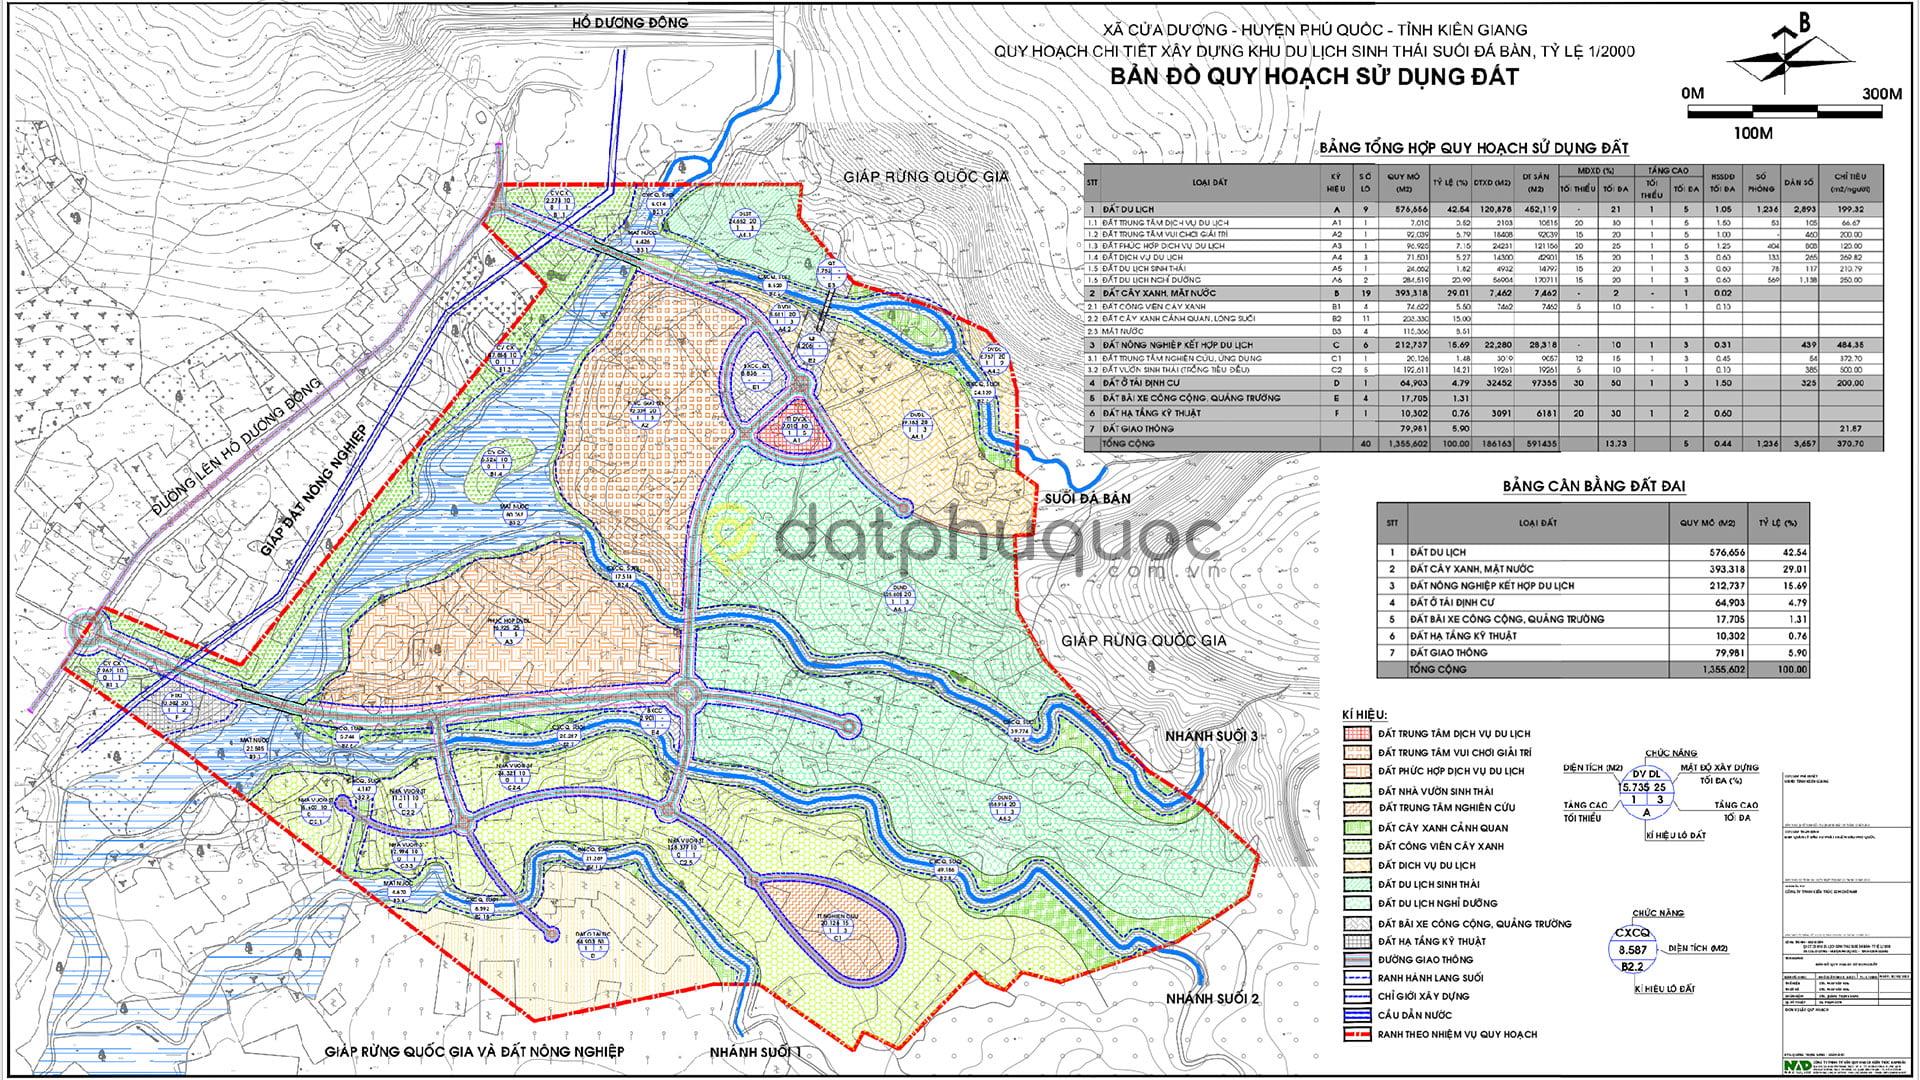 Bản đồ quy hoạch sử dụng đất Khu Du Lịch Suối Đá Bàn